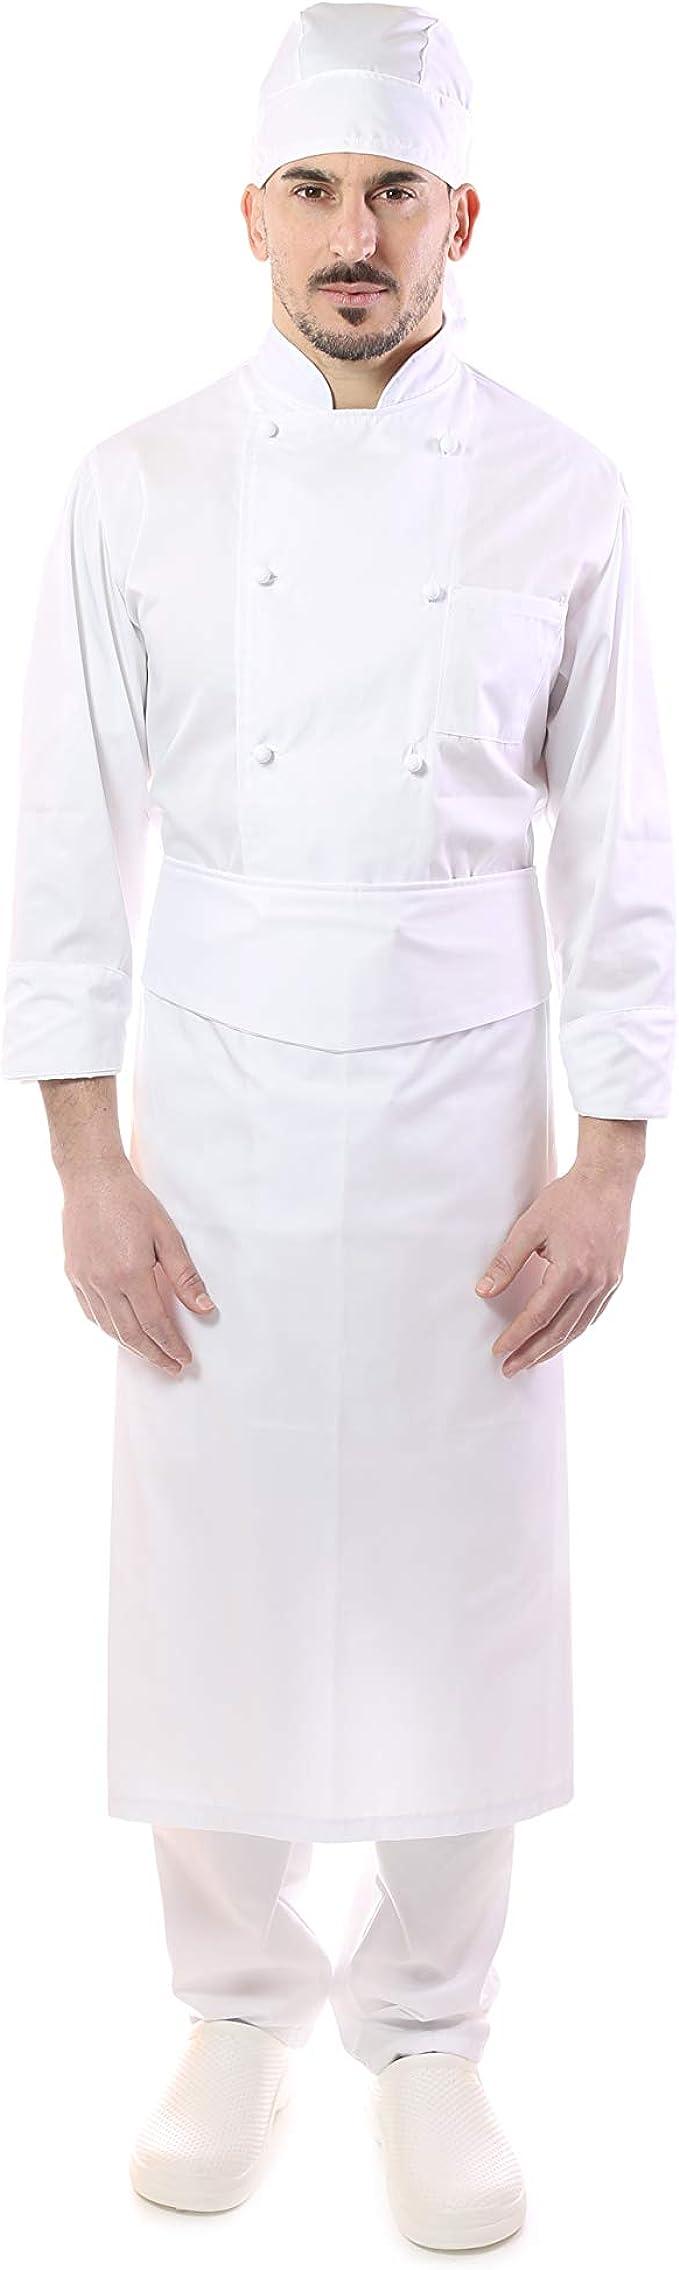 per Cucina e Ristorante tessile astorino Pantaloni Cuoco e Chef con Elastico Vari Colori Made in Italy Uomo e Donna